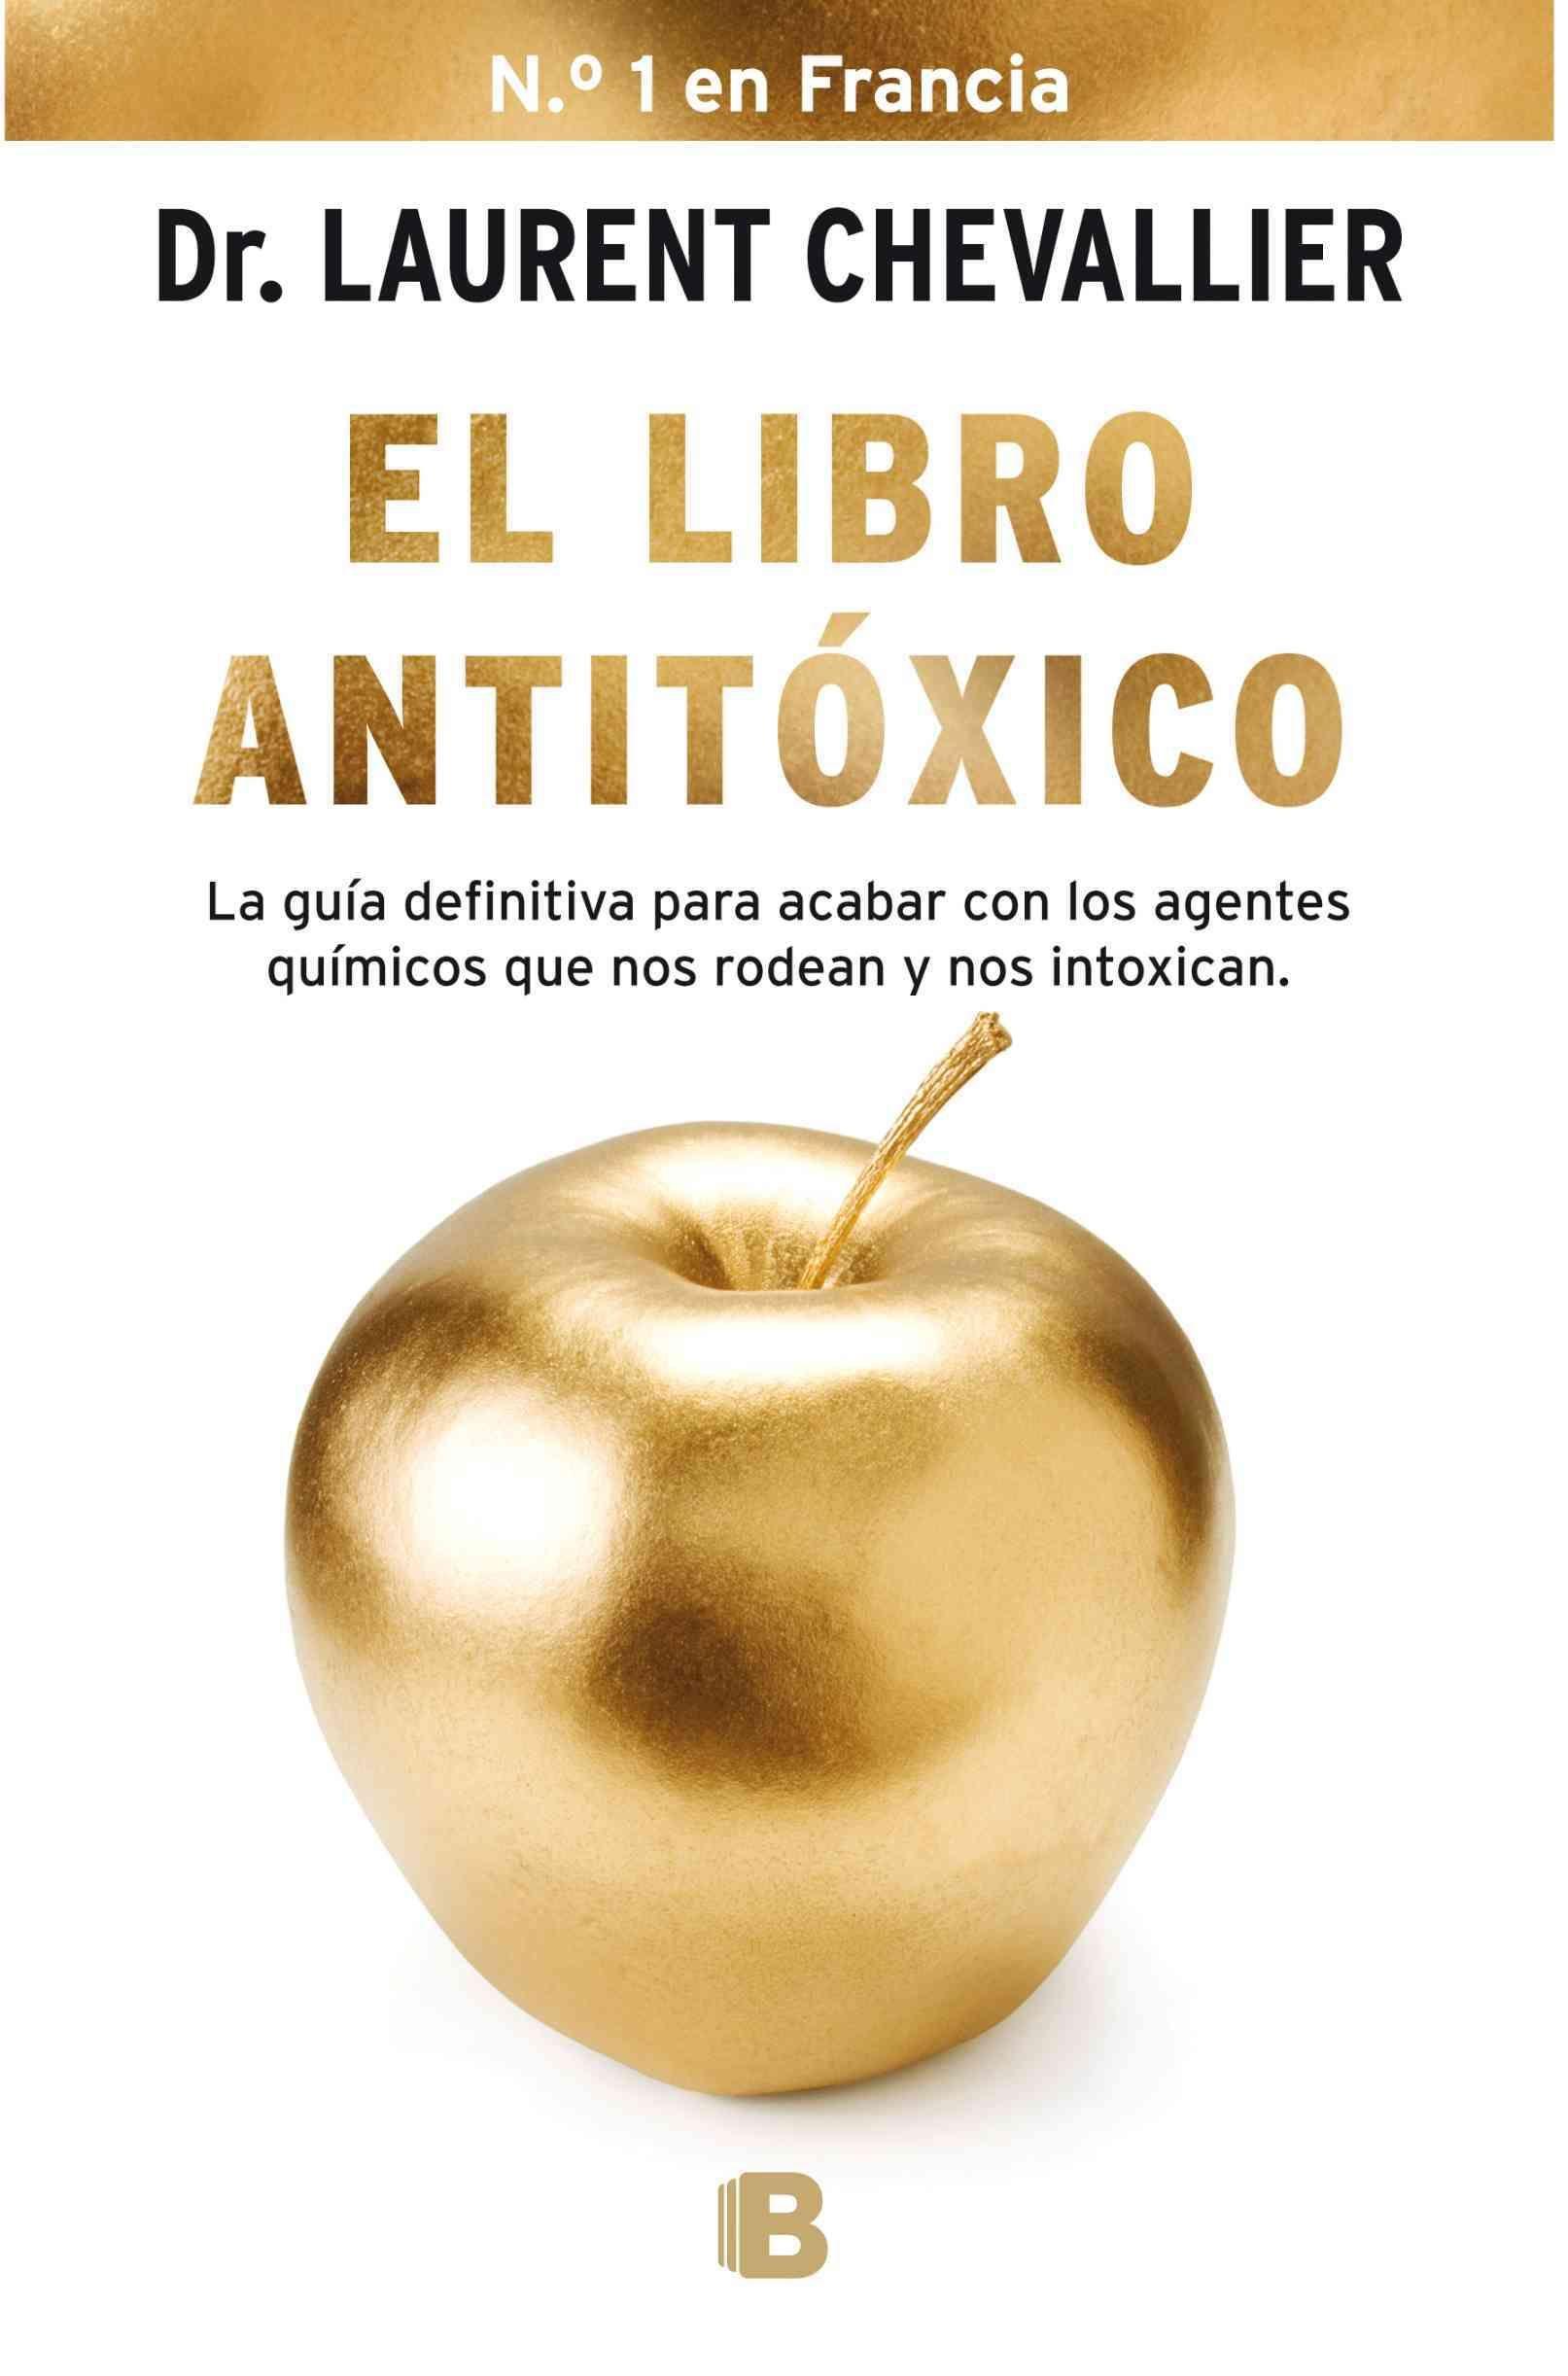 El libro antitoxico / The Antitoxic Book: La Guia Defitiva Para Acabar Con Los Agentes Quimicos Que Nos Rodean Y ...